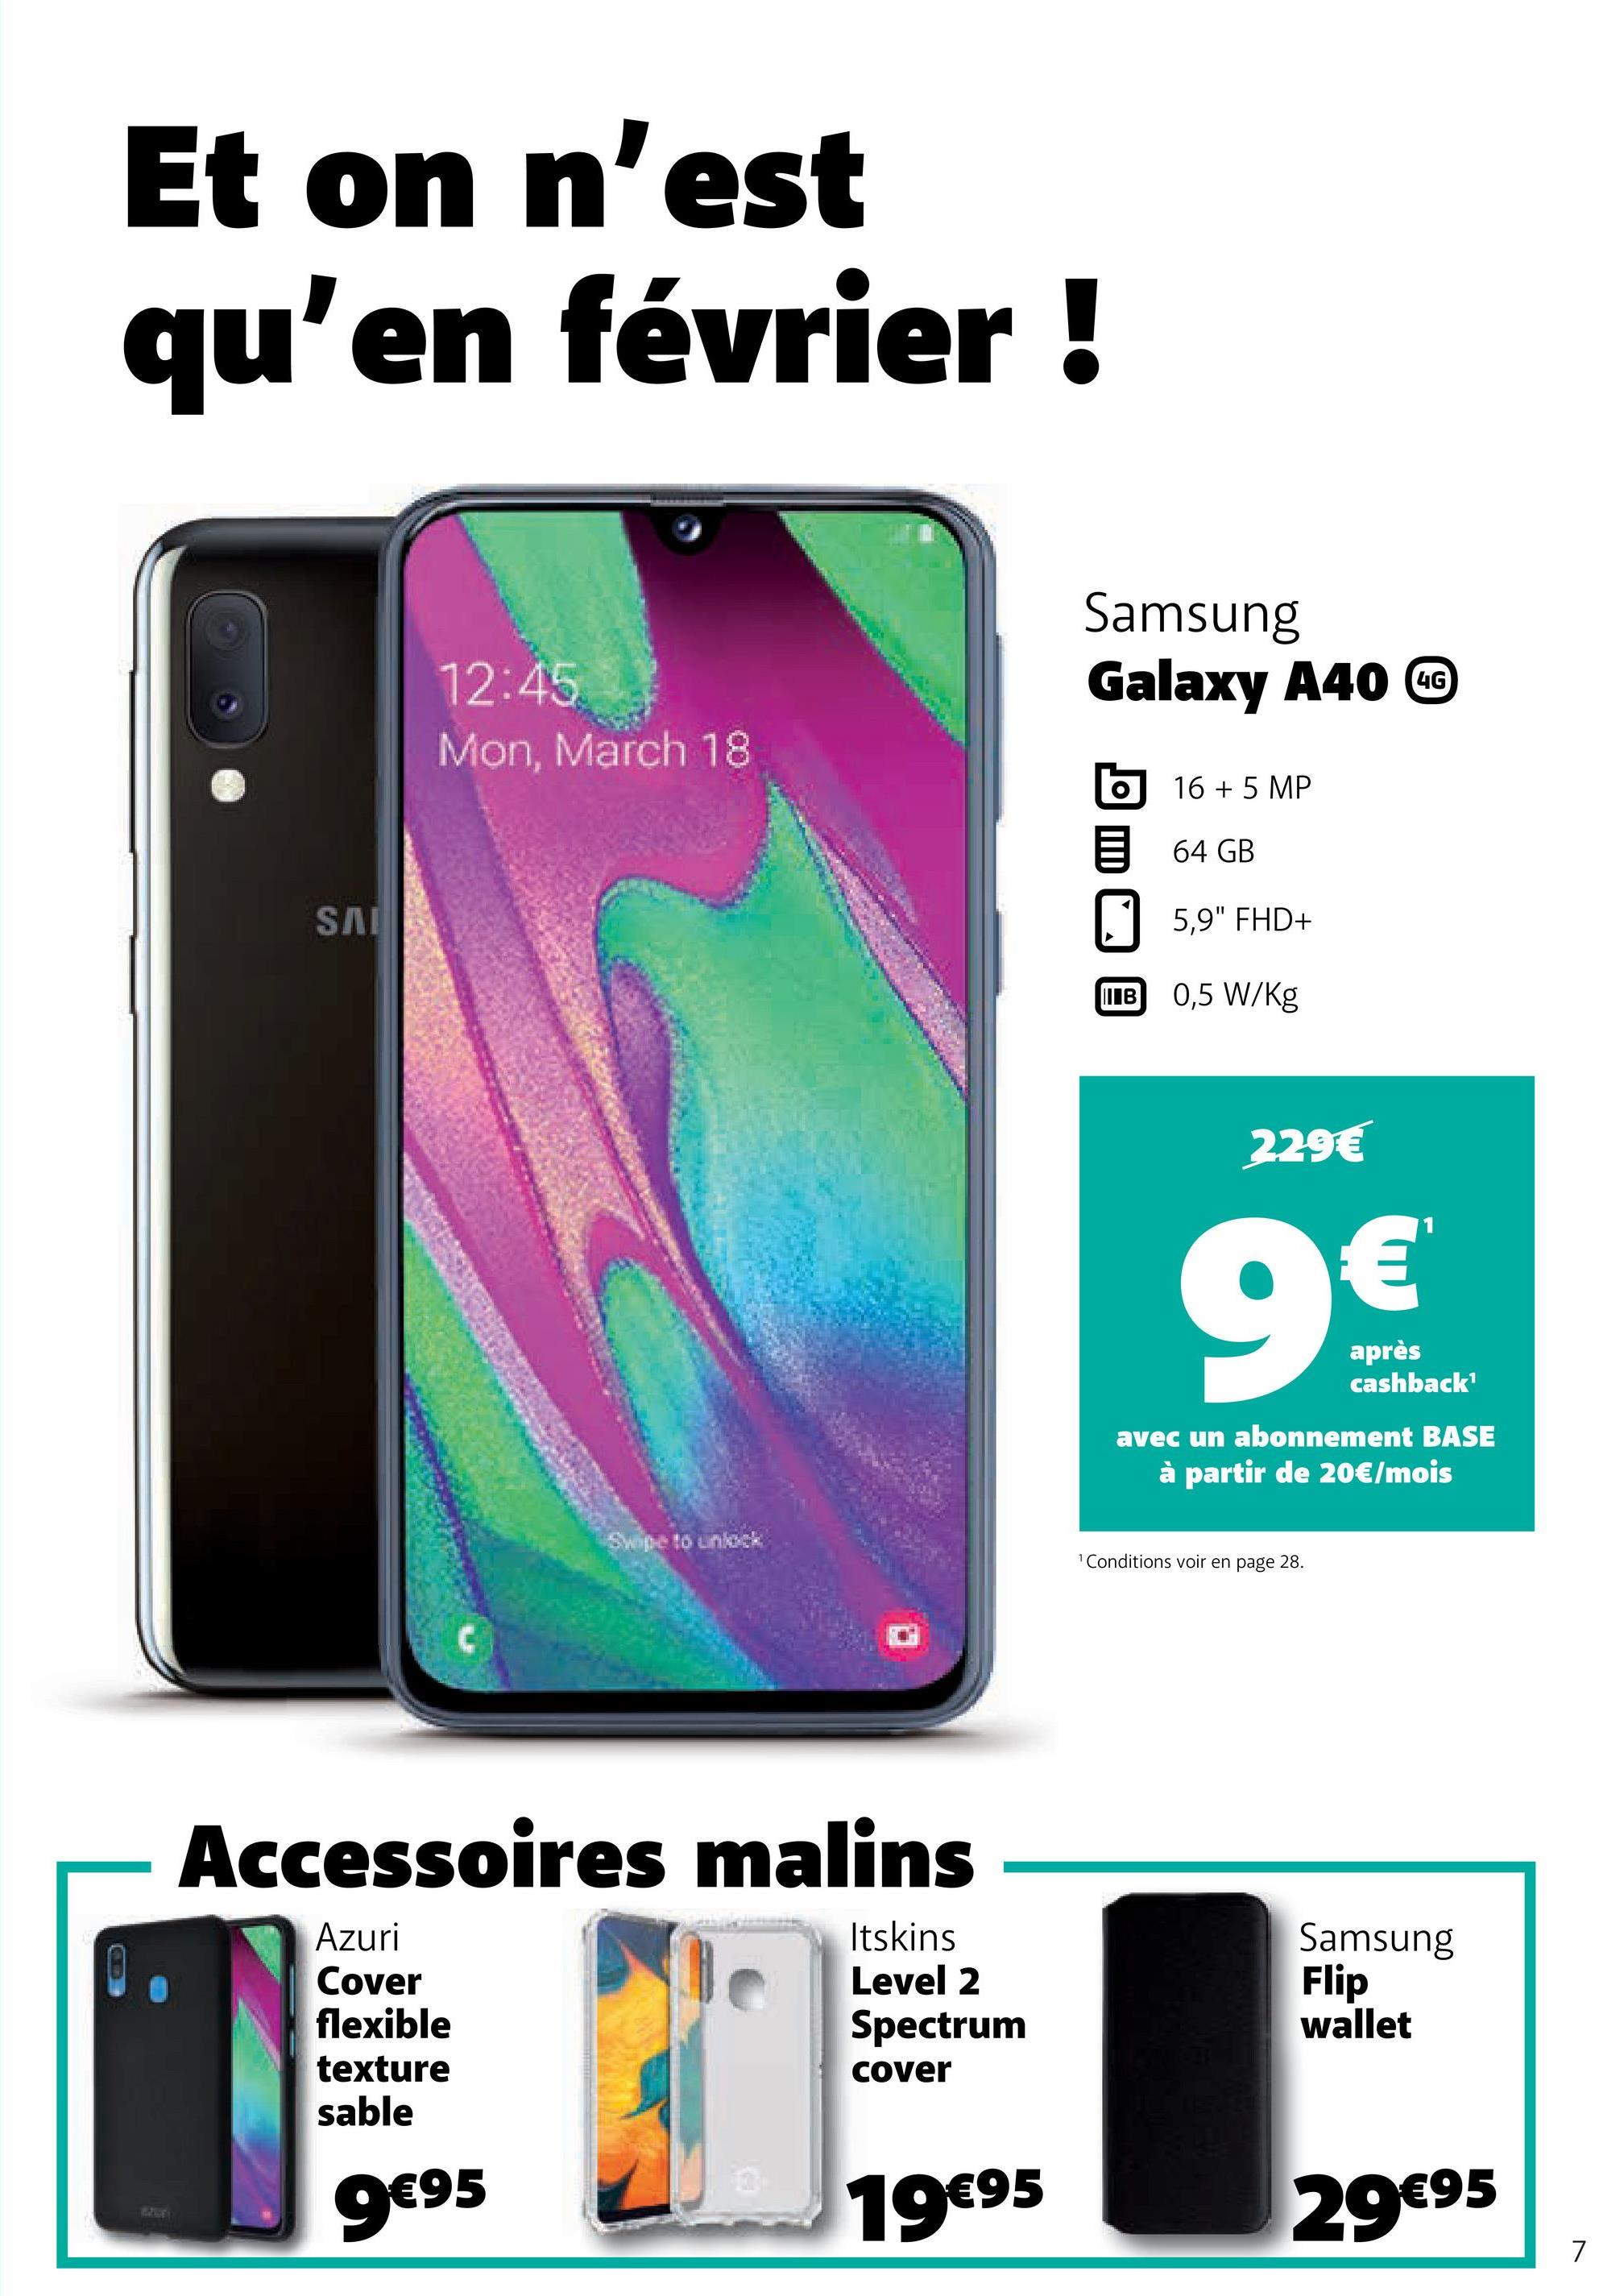 """Et on n'est qu'en février ! Samsung Galaxy A40 W 12:45 Mon, March 18 6 16 + 5 MP 64 GB 5,9"""" FHD+ IB 0,5 W/kg SAI 229€ après cashback' avec un abonnement BASE à partir de 20€/mois Conditions voir en page 28. Accessoires malins Azuri Cover flexible texture sable Itskins Level 2 Spectrum cover Samsung Flip wallet 9€95 19€95 29€95"""